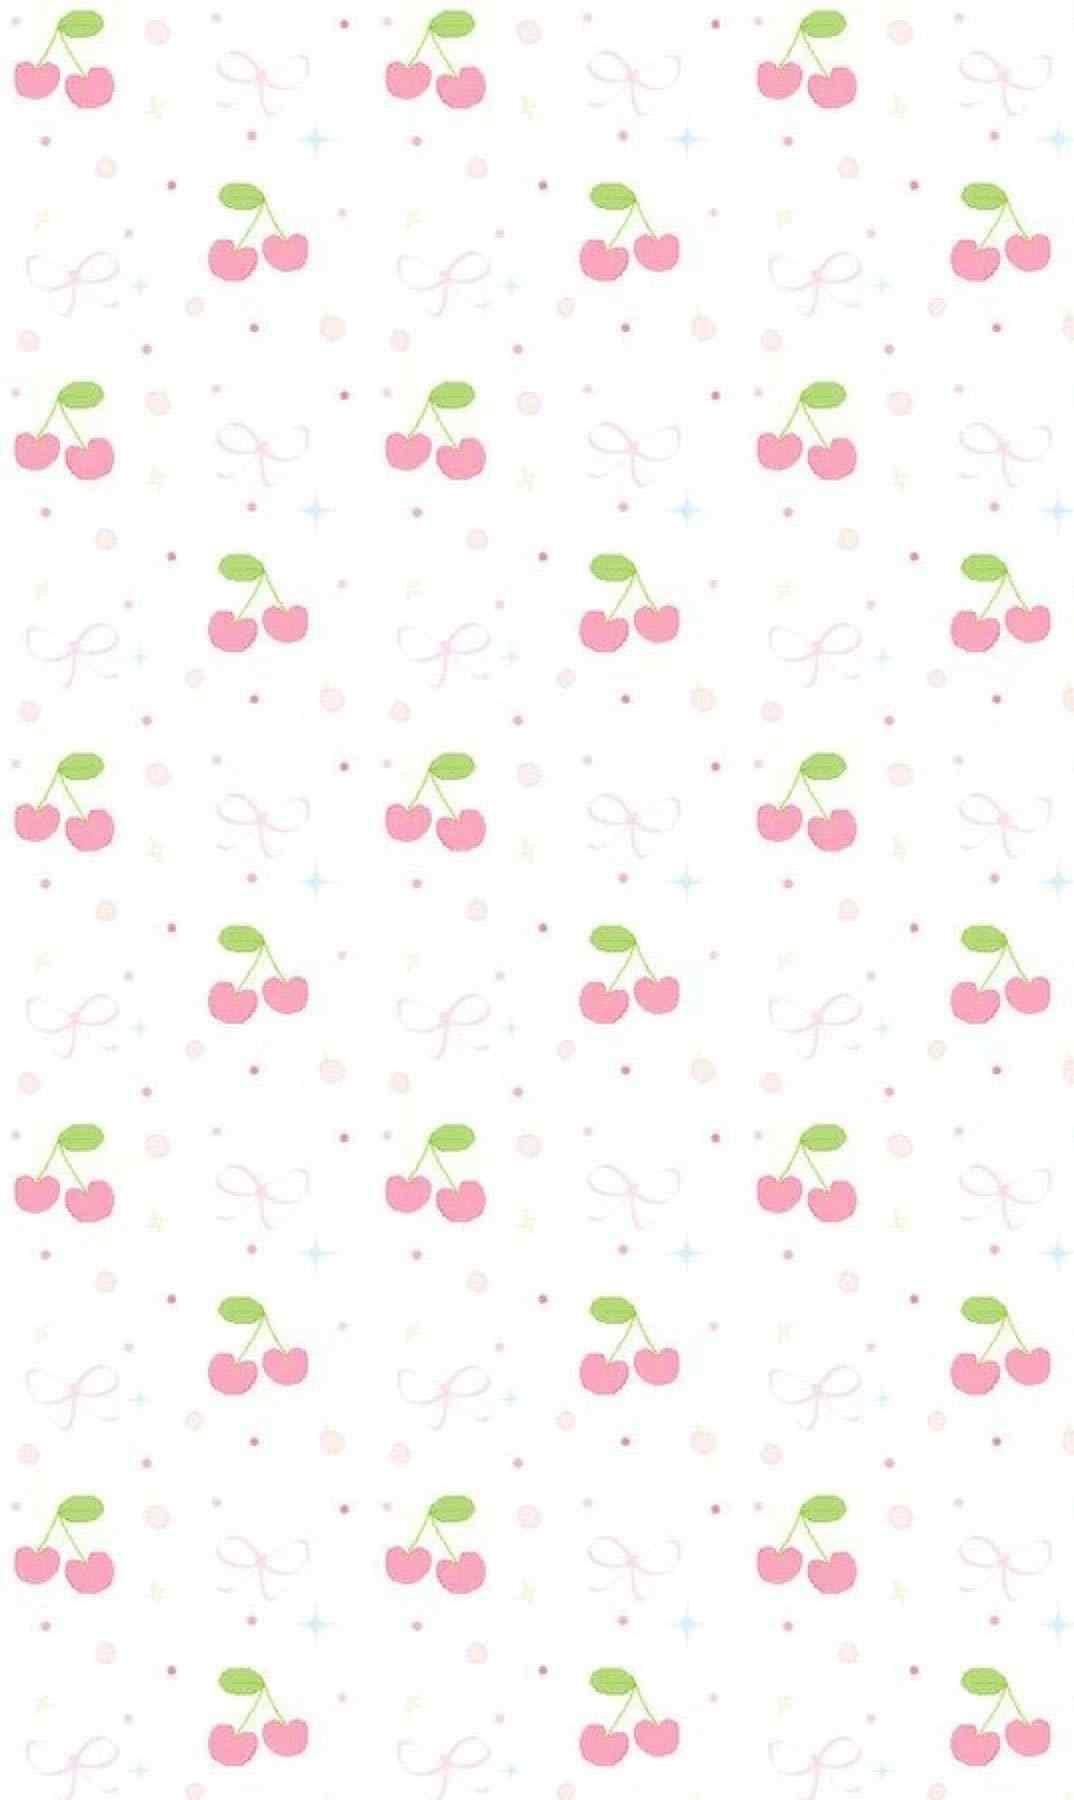 粉色小碎花与红樱桃图片手机壁纸